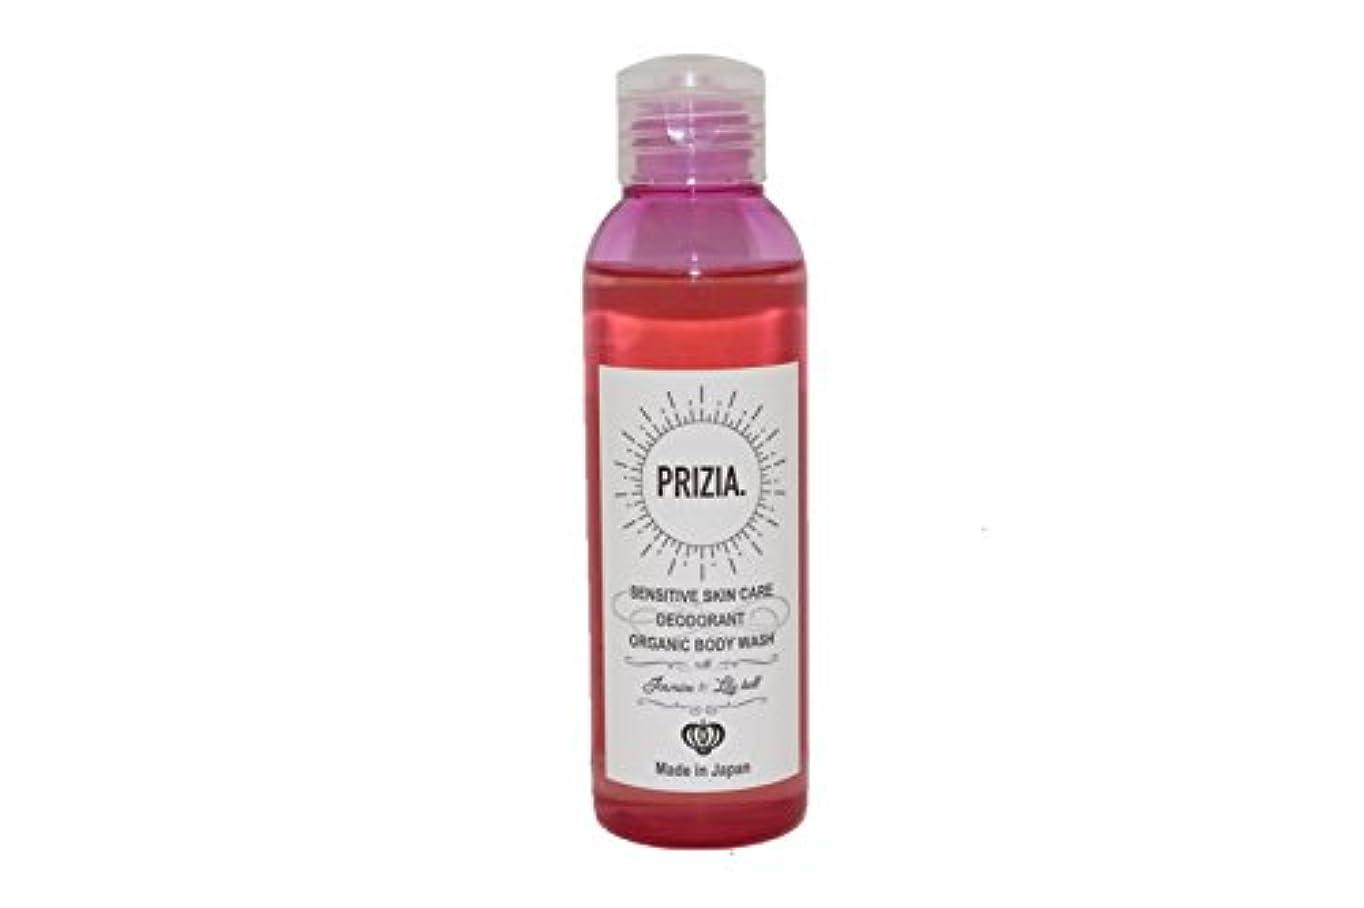 胚商品癒すPRIZIA(プリジア)デリケートゾーン専用ソープ(ジャスミン&リリーベルの香り)